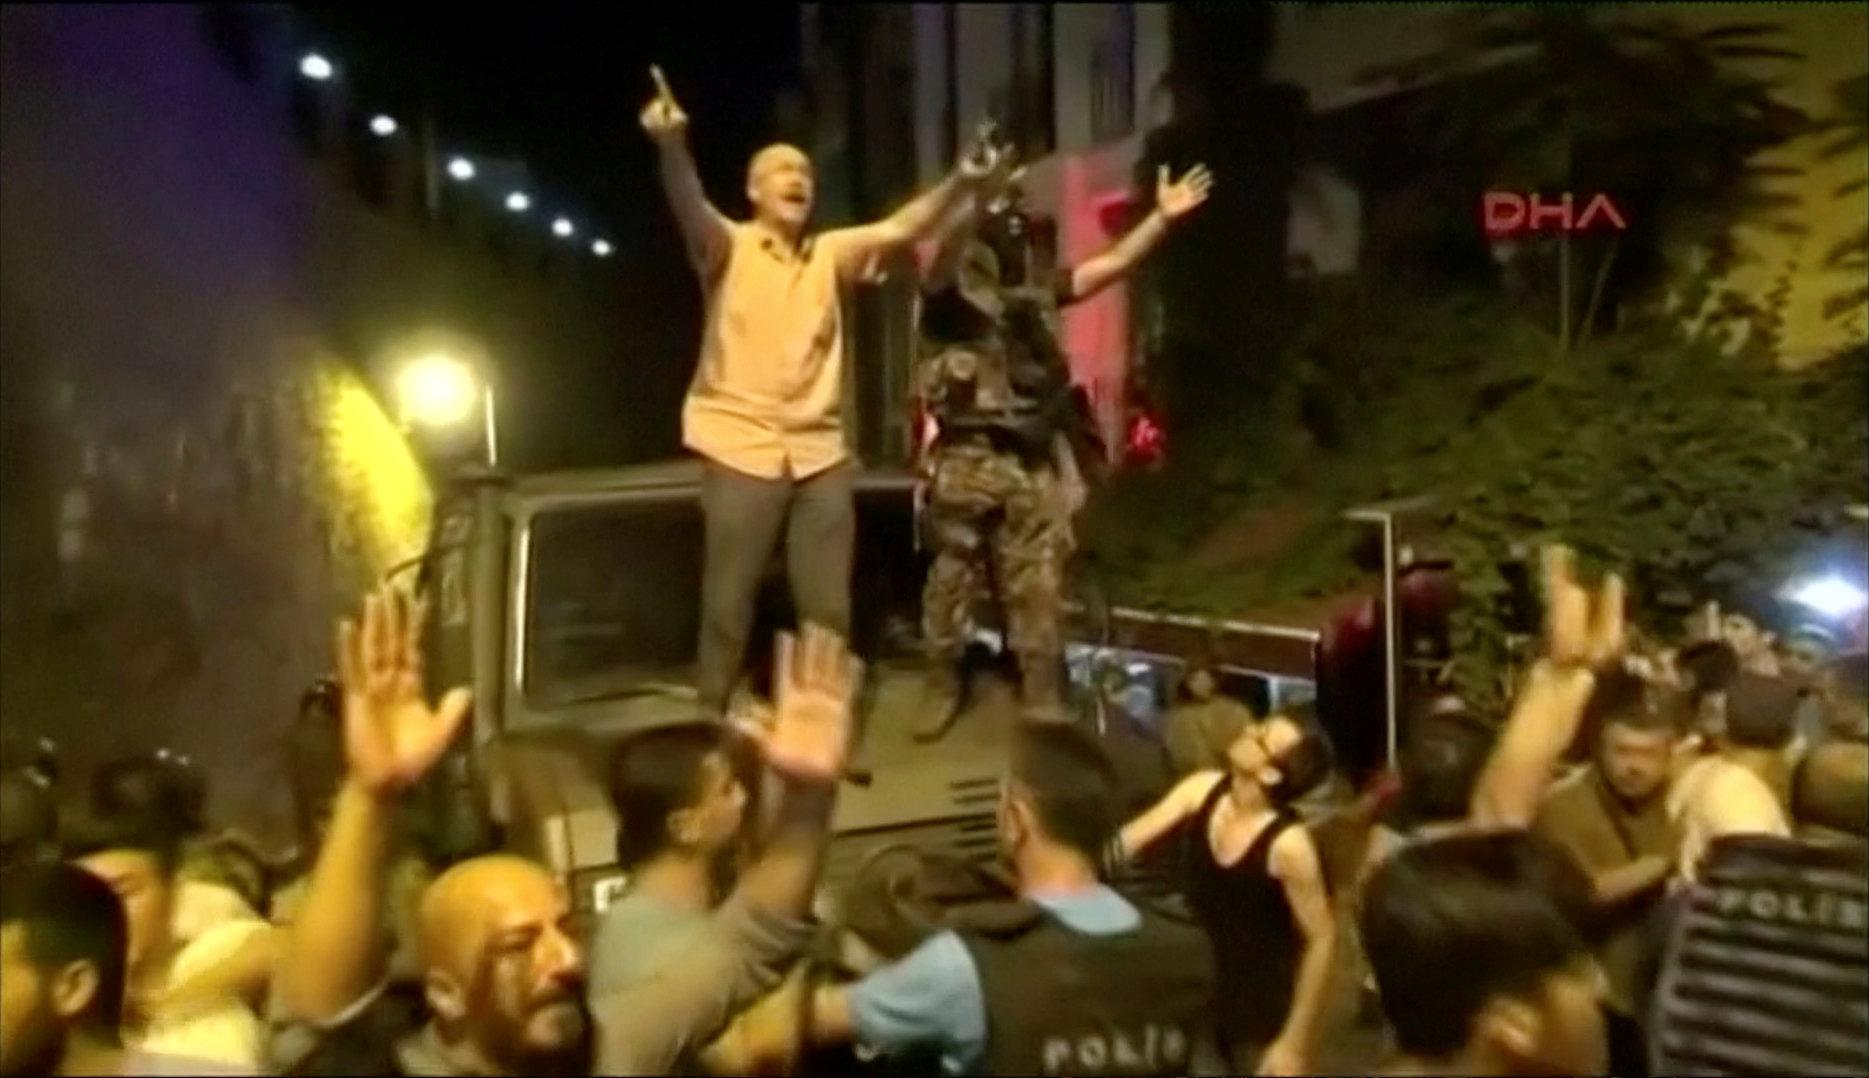 Противники путча вышли на улицы с национальными флагами Фото: REUTERS